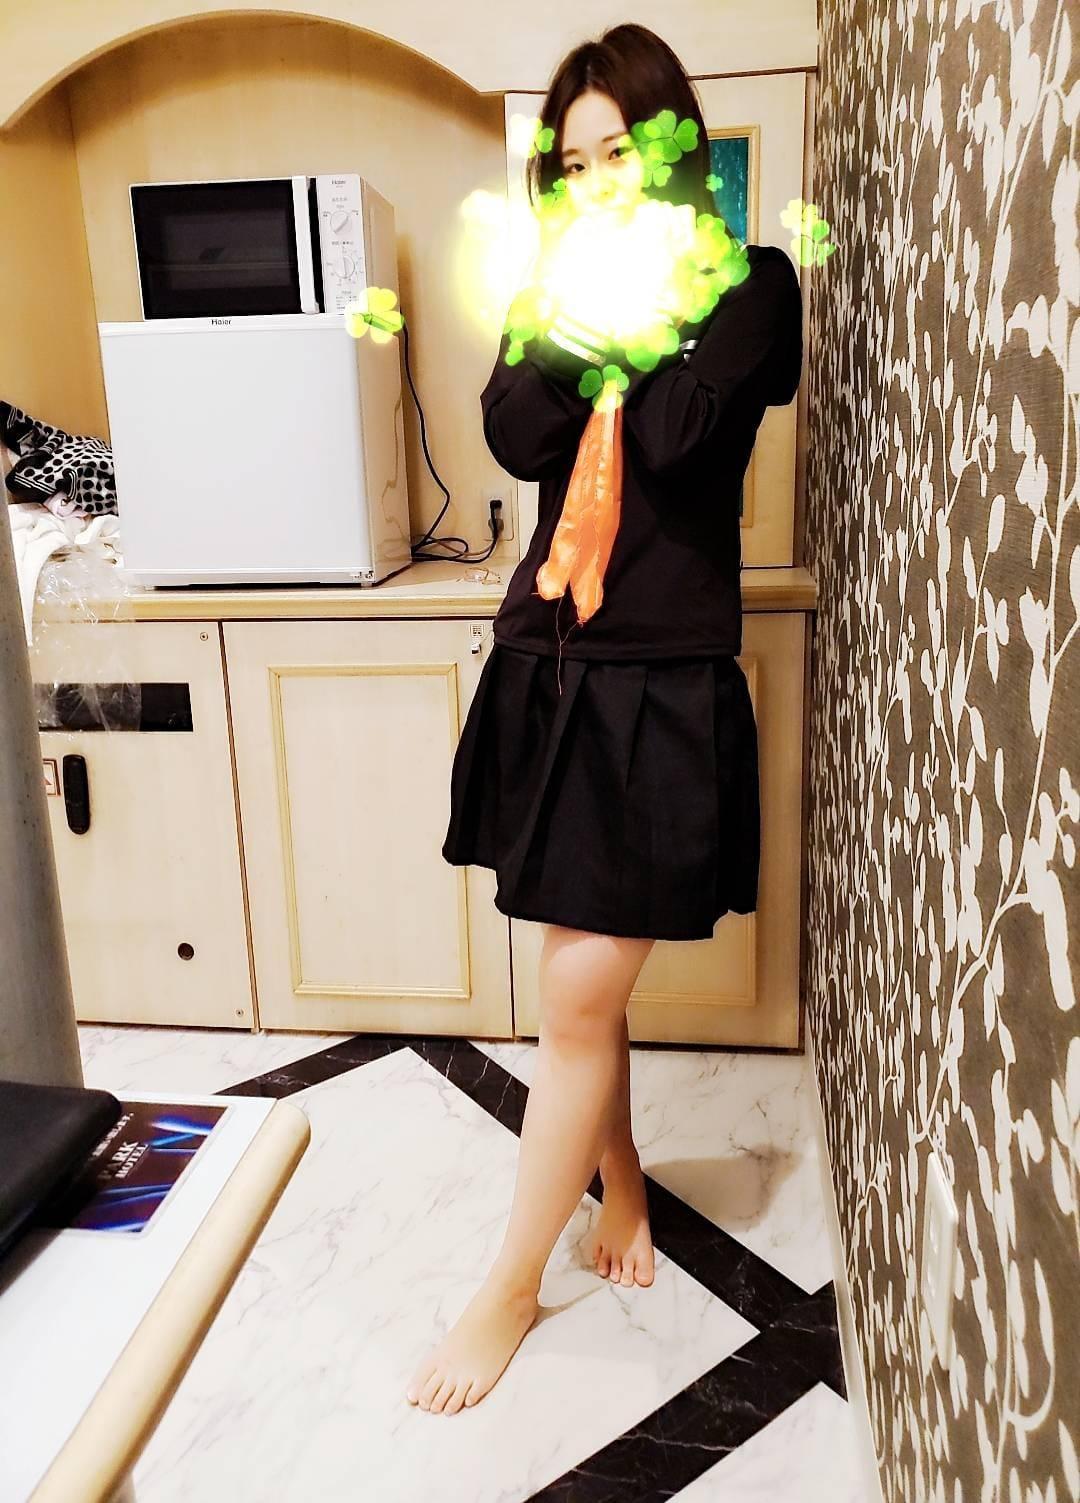 「パークホテルのお兄さんへ」11/13(11/13) 02:11 | りく【超ドM!顔射にイラマ★】の写メ・風俗動画